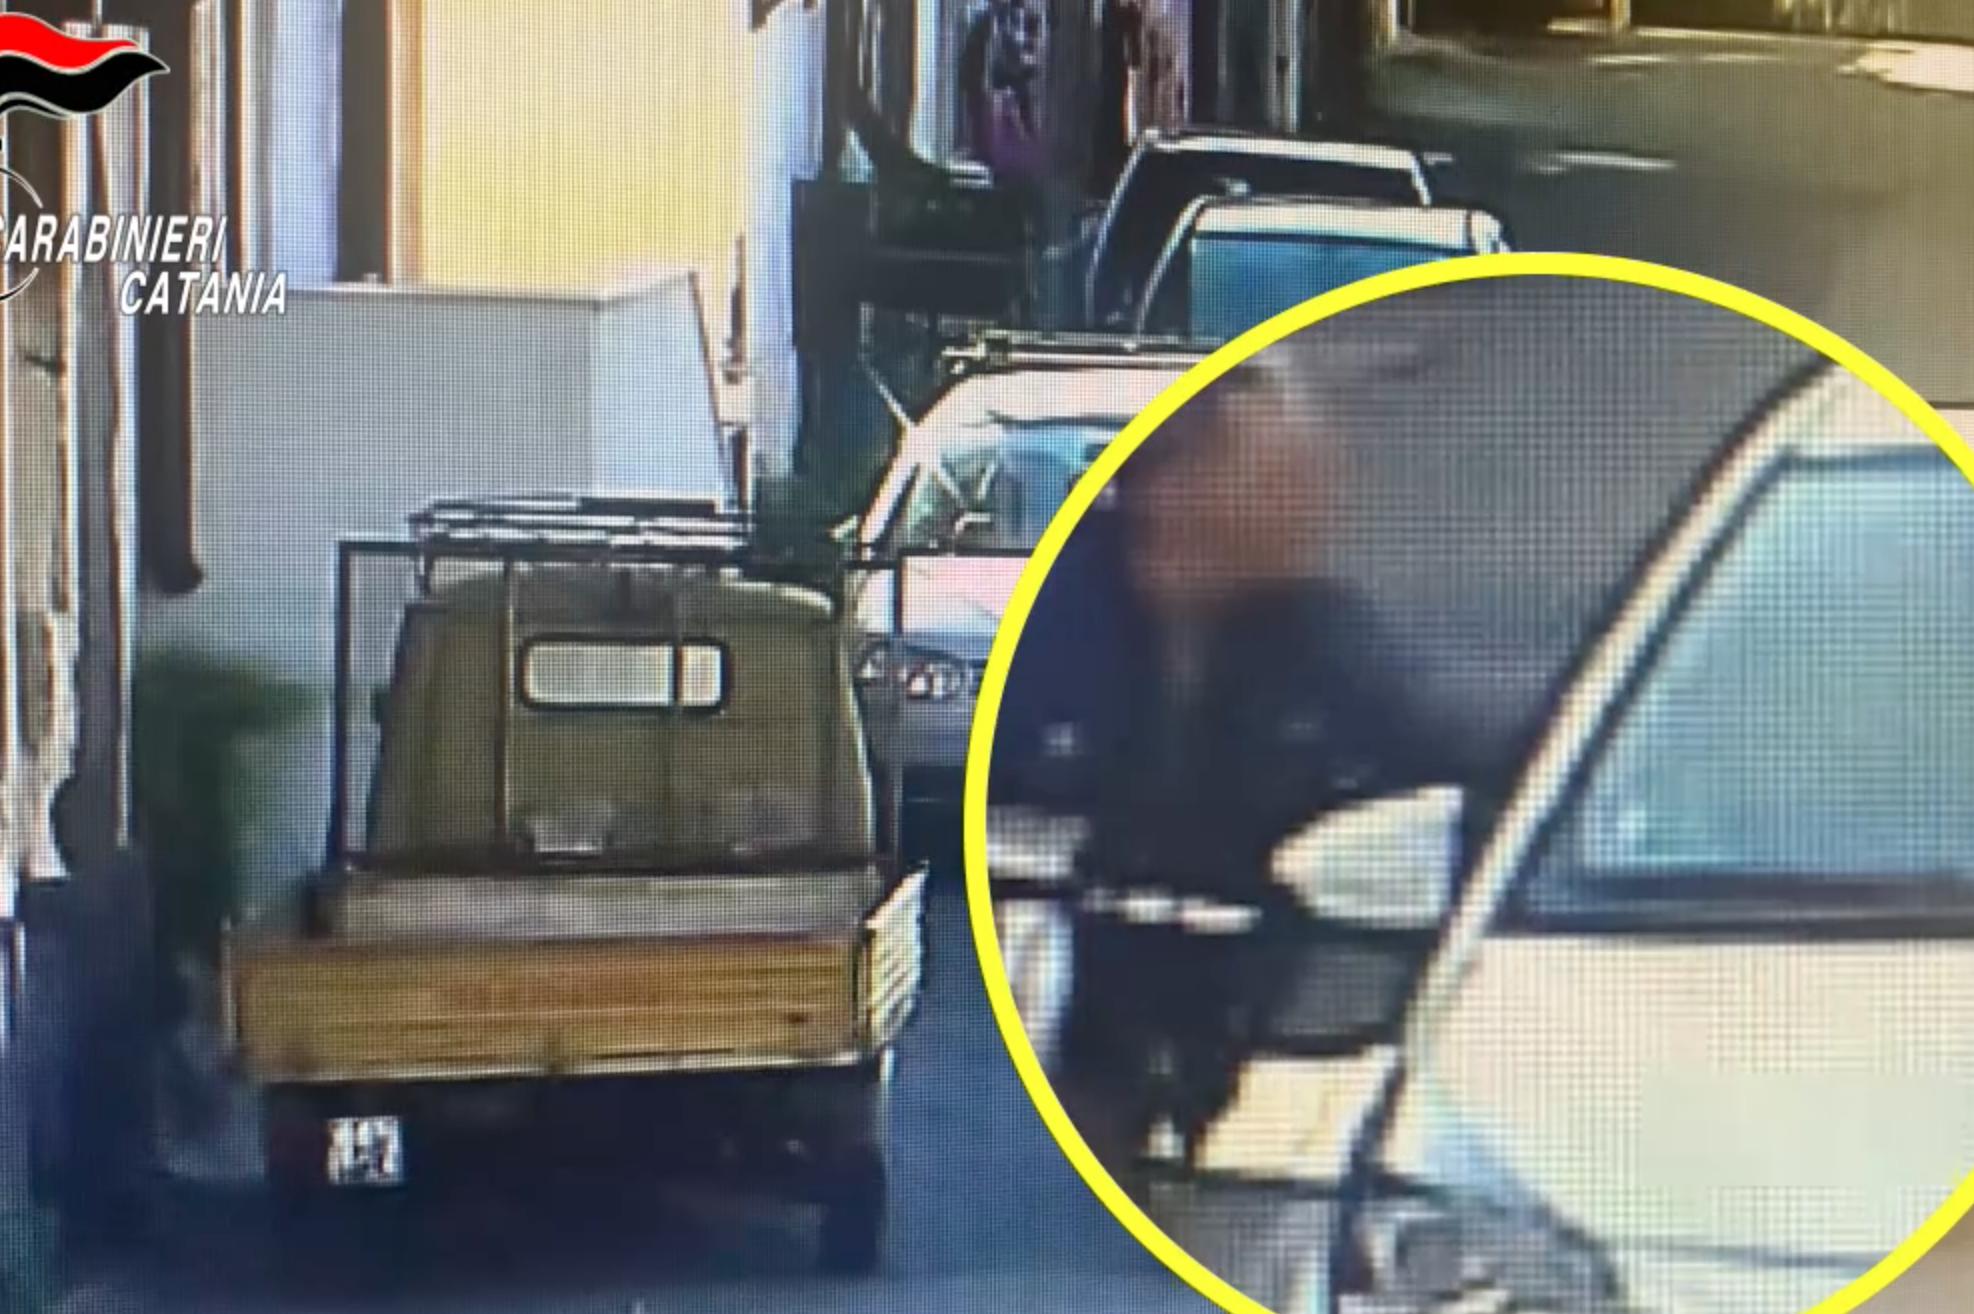 Disarticolata piazza di spaccio a Catania, 17 arresti e 5 obblighi di dimora